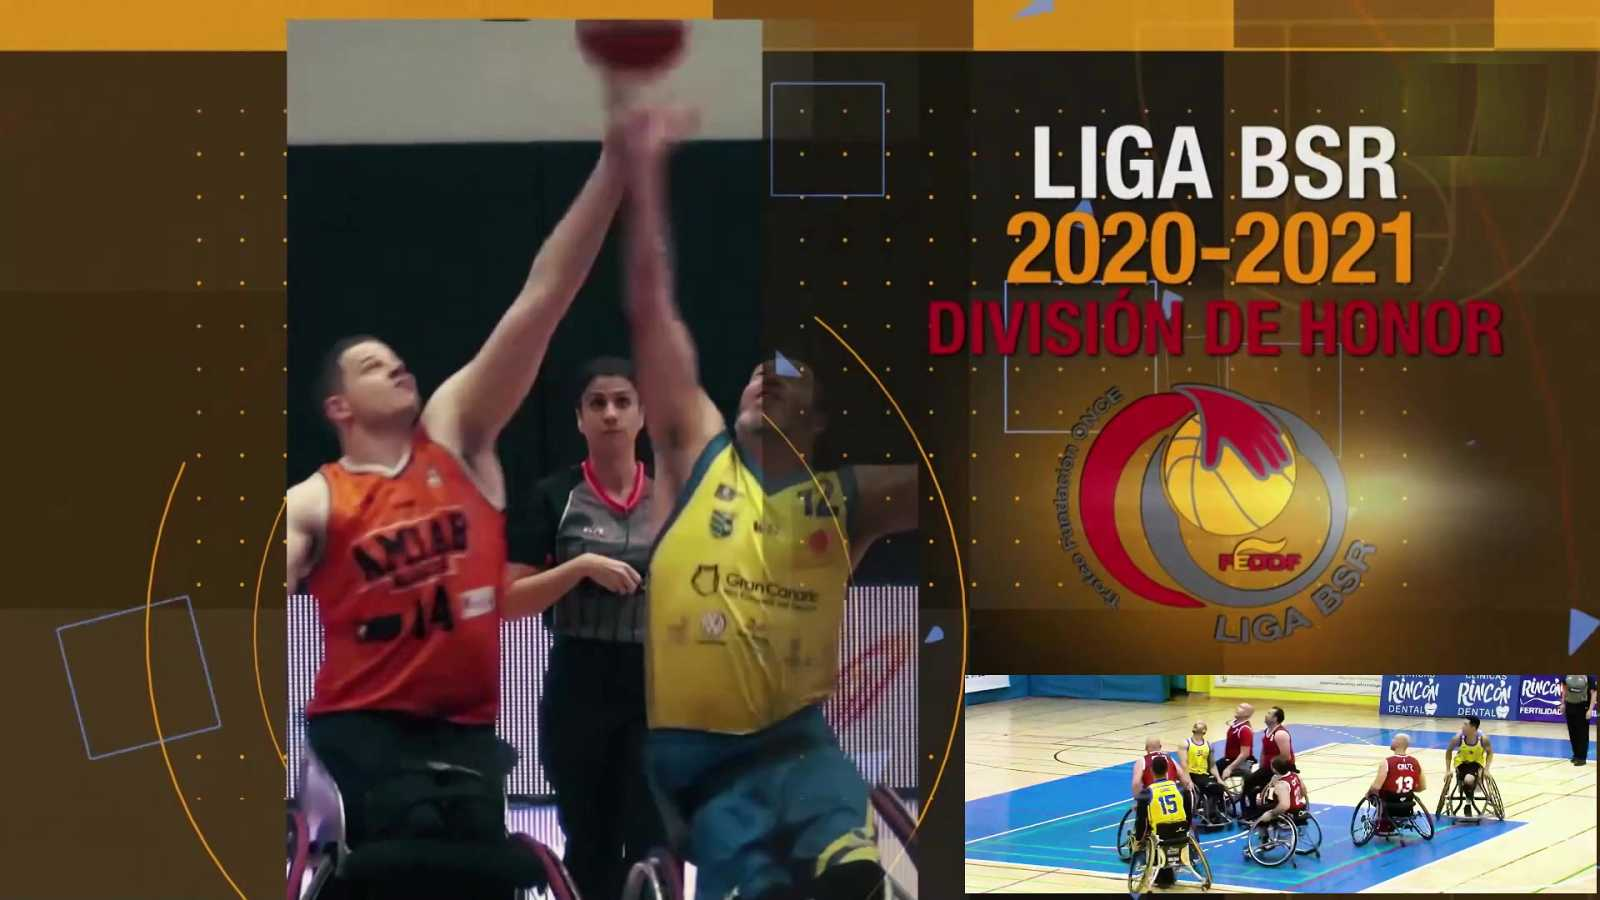 Baloncesto en silla de ruedas - Liga BSR División de Honor. Resumen Jornada 5 - ver ahora